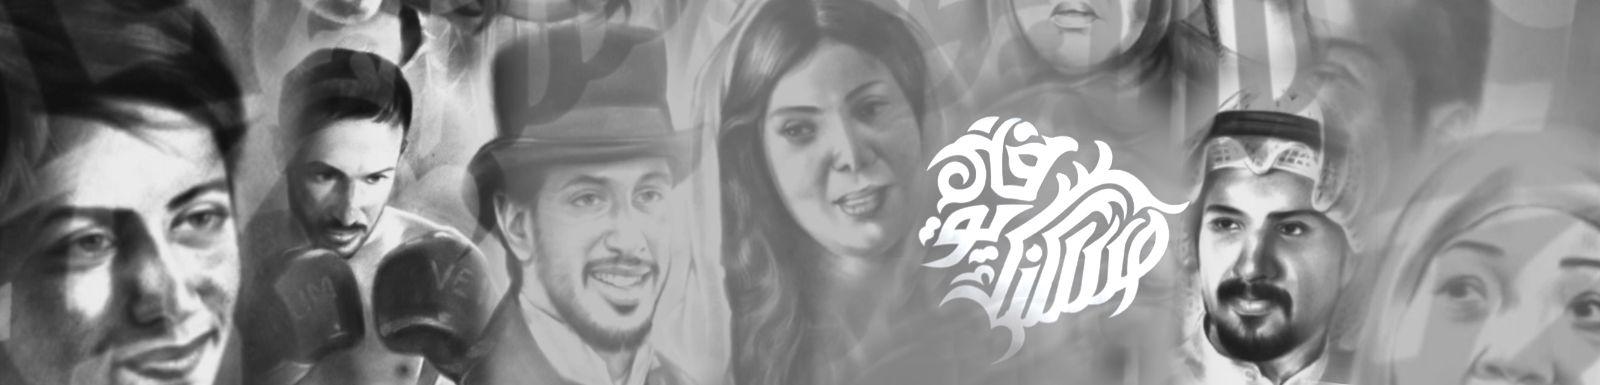 مشاهدة وتحميل مسلسل مسكنك يوفي الحلقة 13 الثالثة عشرة كاملة 2014